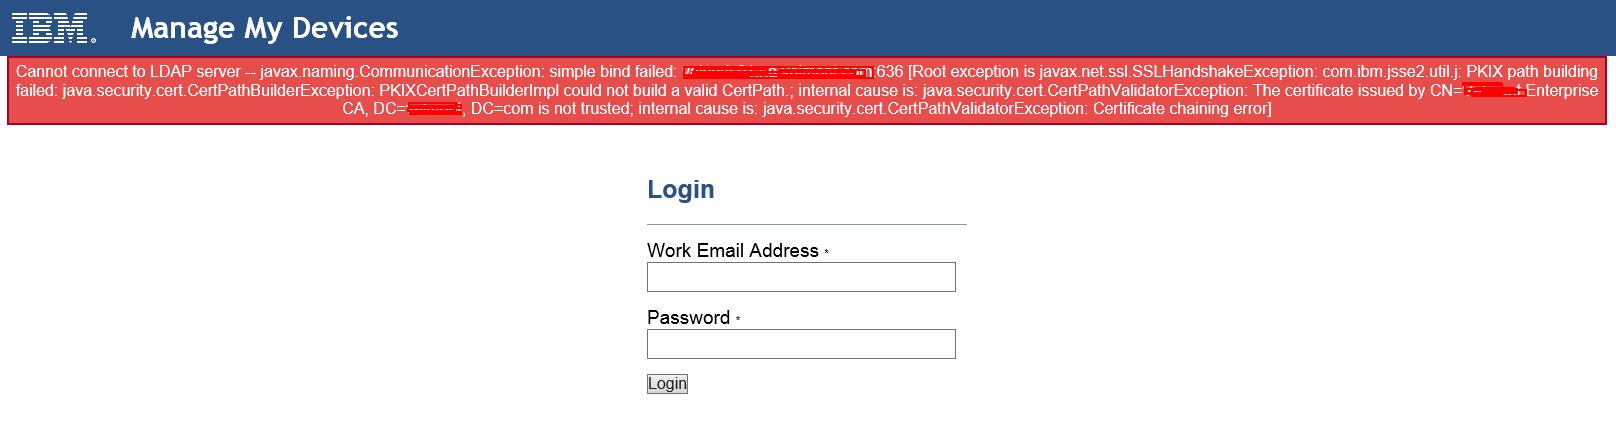 Self Service Portal is being displayed instead of WebUI - WebUI